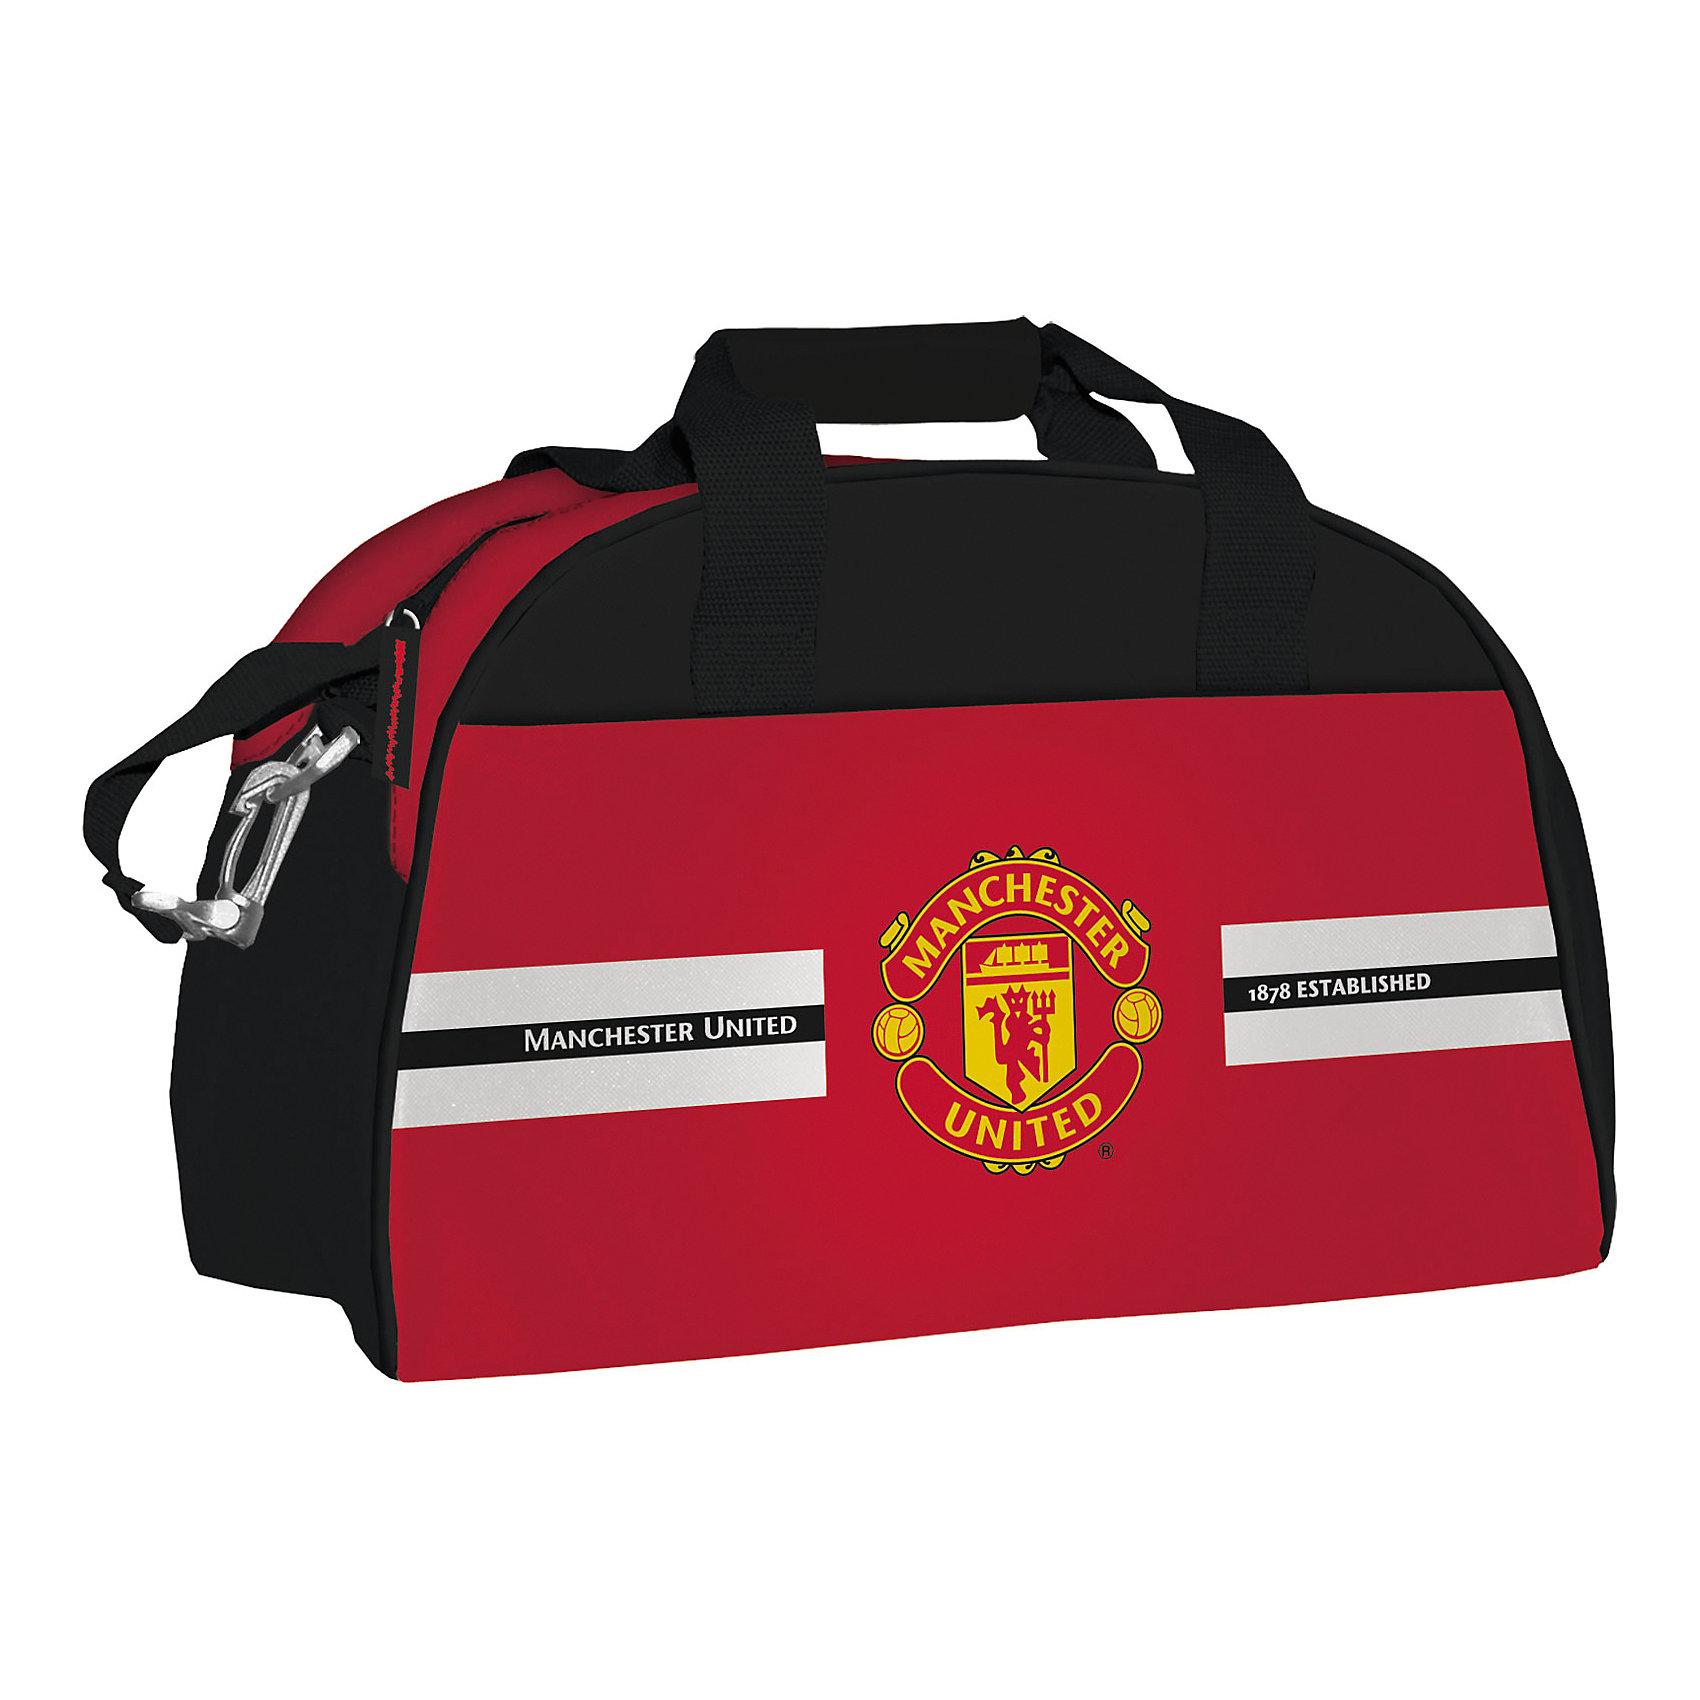 Сумка спортивная большая, Manchester United FCСпортивные сумки<br>Сумка спортивная большая, Manchester United FC, Академия Групп<br><br>Характеристики:<br><br>• большая и вместительная<br>• изготовлена из водонепроницаемого материала<br>• удобные ручки и ремень<br>• декорирована эмблемой ФК Манчестер Юнайтед<br>• размер: 48х30х22 см<br>• вес: 708 грамм<br><br>Стильная сумка по достоинству оценит каждый спортсмен. Модель выполнена из прочных материалов, не пропускающих воду. Сумка имеет форму полукруга, оснащена текстильными ручками и удобным длинным ремнем для ношения на плече. Сумка отличается ярким дизайном: красно-черная расцветка дополнена логотипом футбольного клуба Манчестер Юнайтед.<br><br>Сумку спортивная большая, Manchester United FC, Академия Групп вы можете купить в нашем интернет-магазине.<br><br>Ширина мм: 300<br>Глубина мм: 480<br>Высота мм: 220<br>Вес г: 708<br>Возраст от месяцев: 156<br>Возраст до месяцев: 180<br>Пол: Мужской<br>Возраст: Детский<br>SKU: 5218450